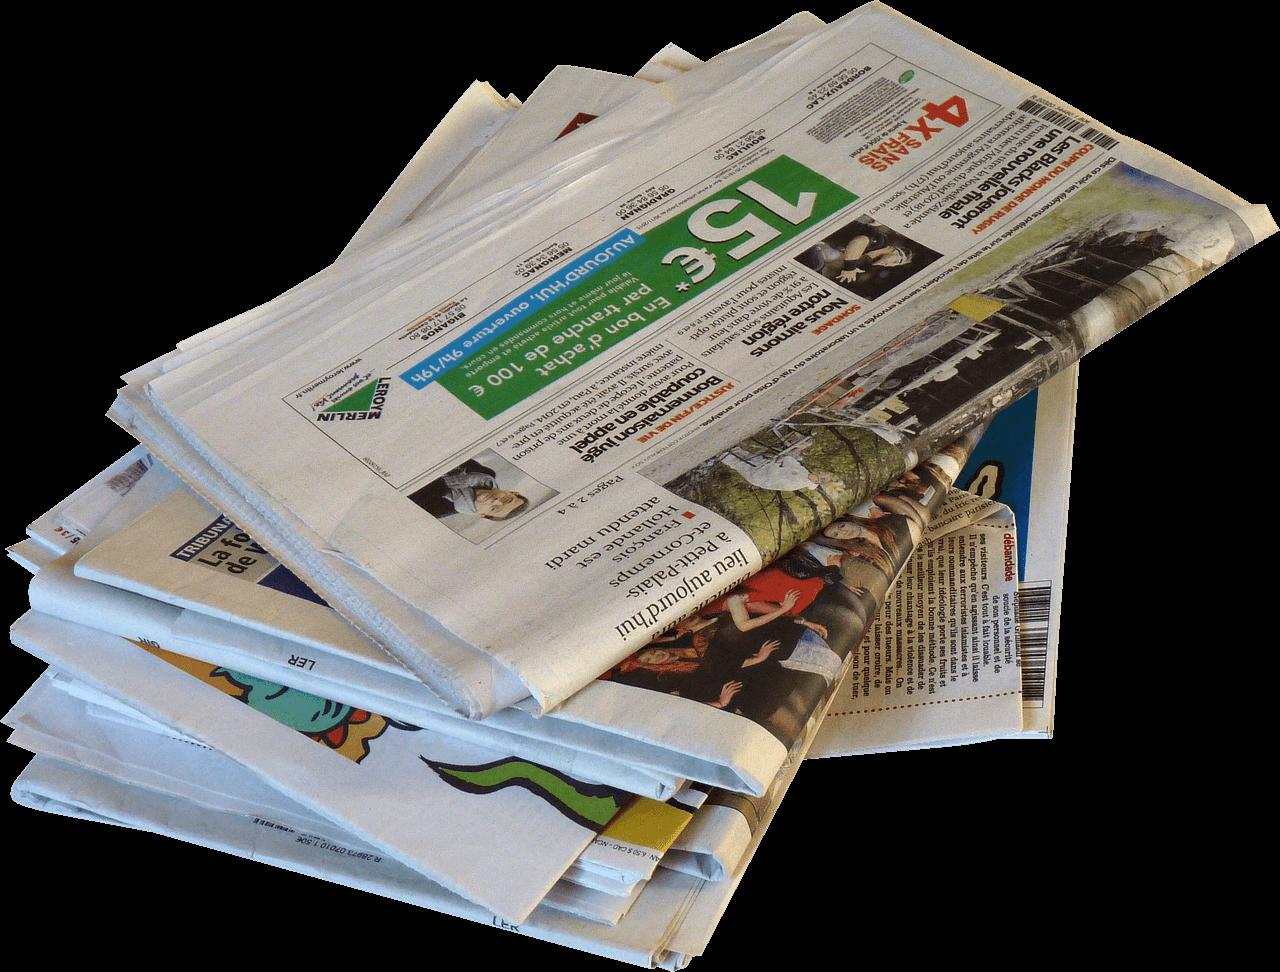 Hirdetés, újsághirdetés, szórólap – 2. rész